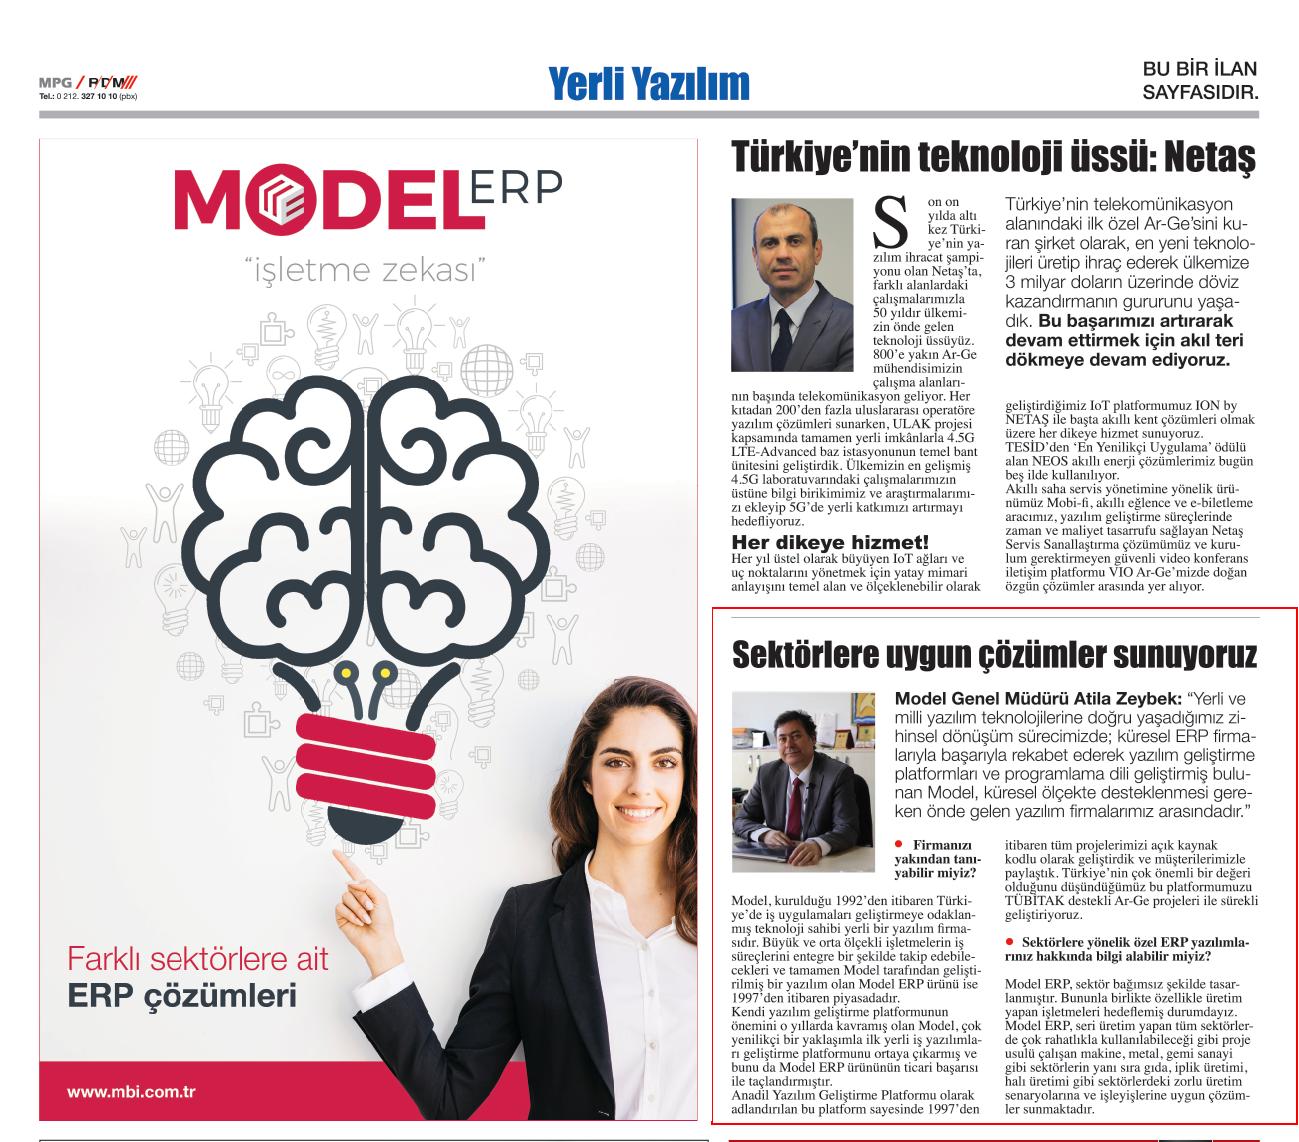 Model, 21.02.2018 tarihli Hürriyet gazetesi Yerli Yazılım Dosyasında  yer aldı.